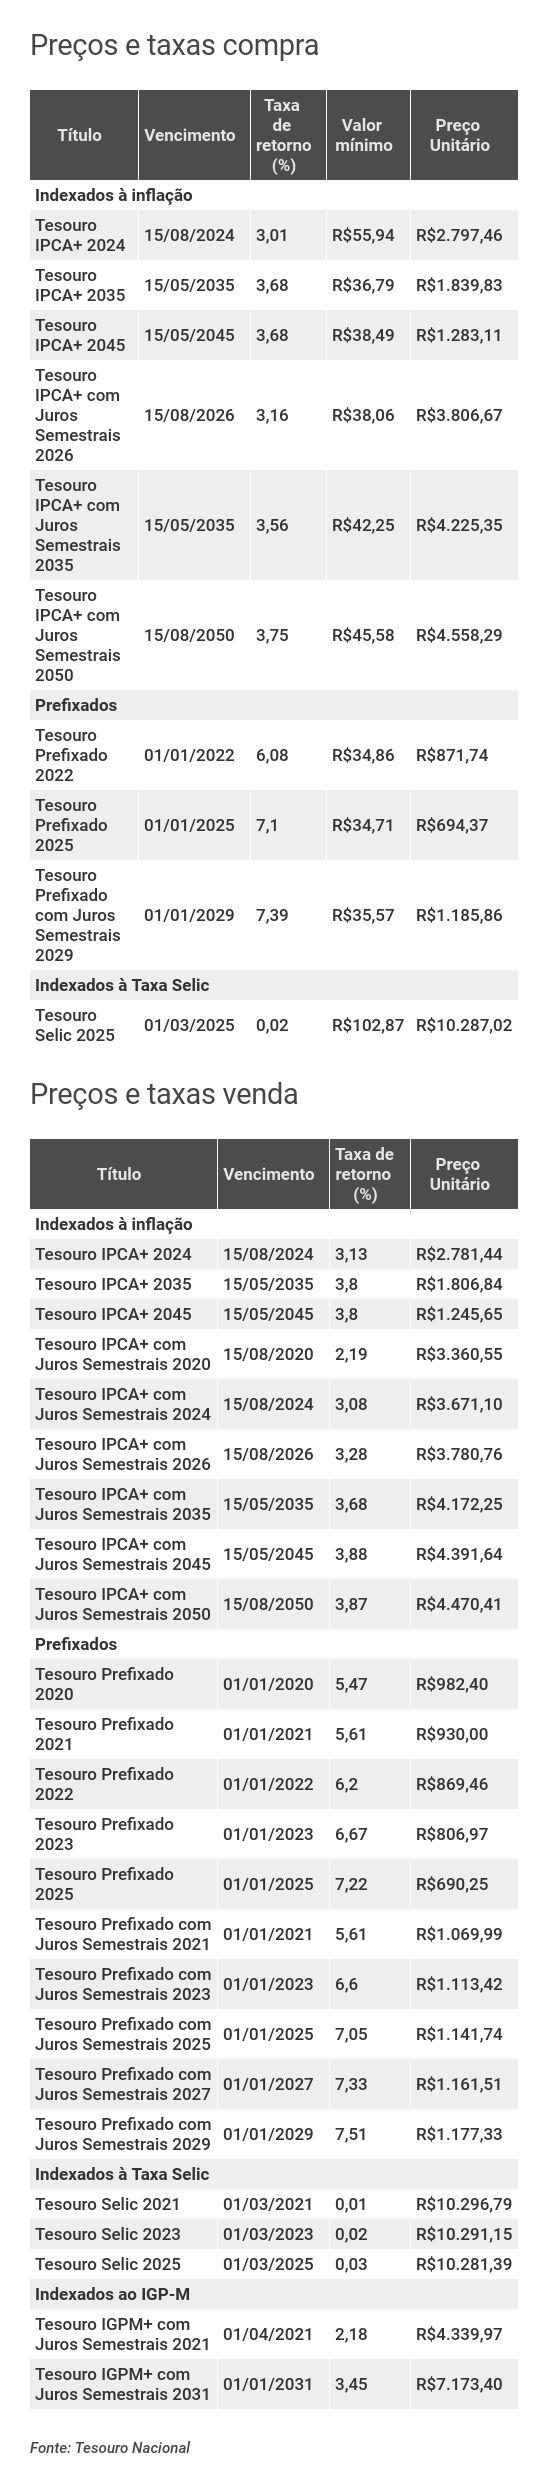 Preços e taxas do Tesouro Direto em 2 de setembro de 2019